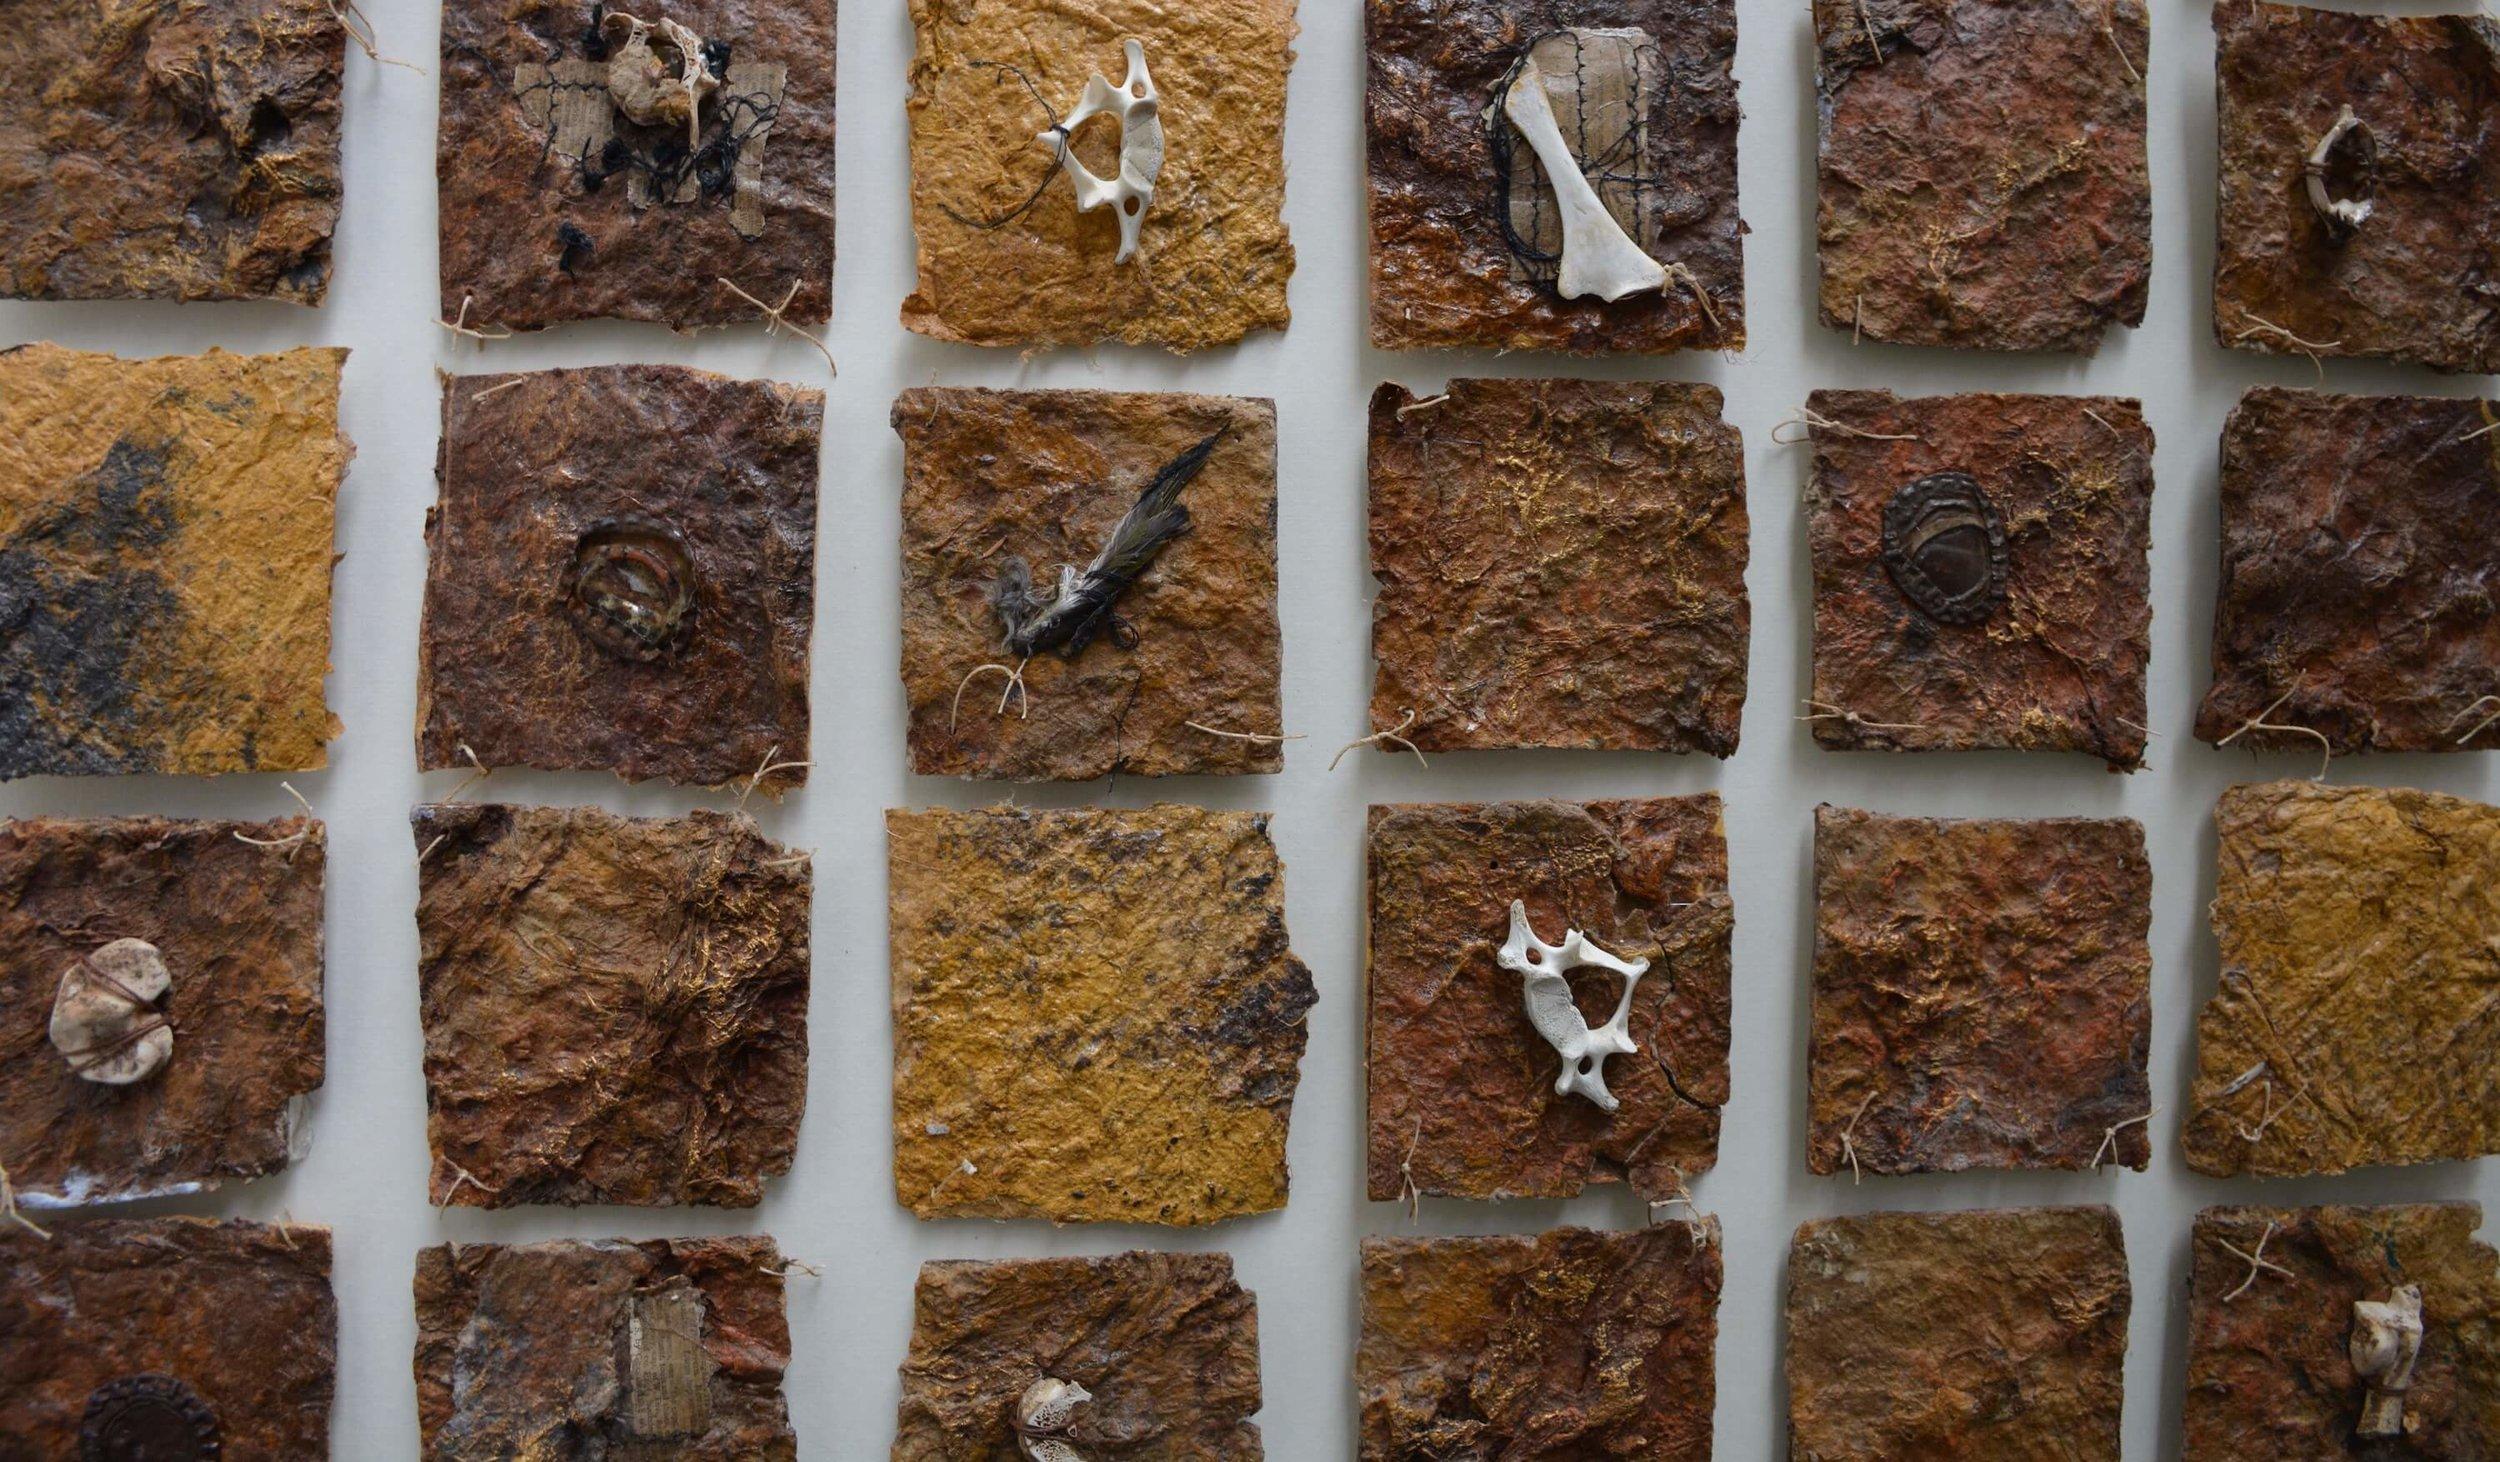 Landscape & bones